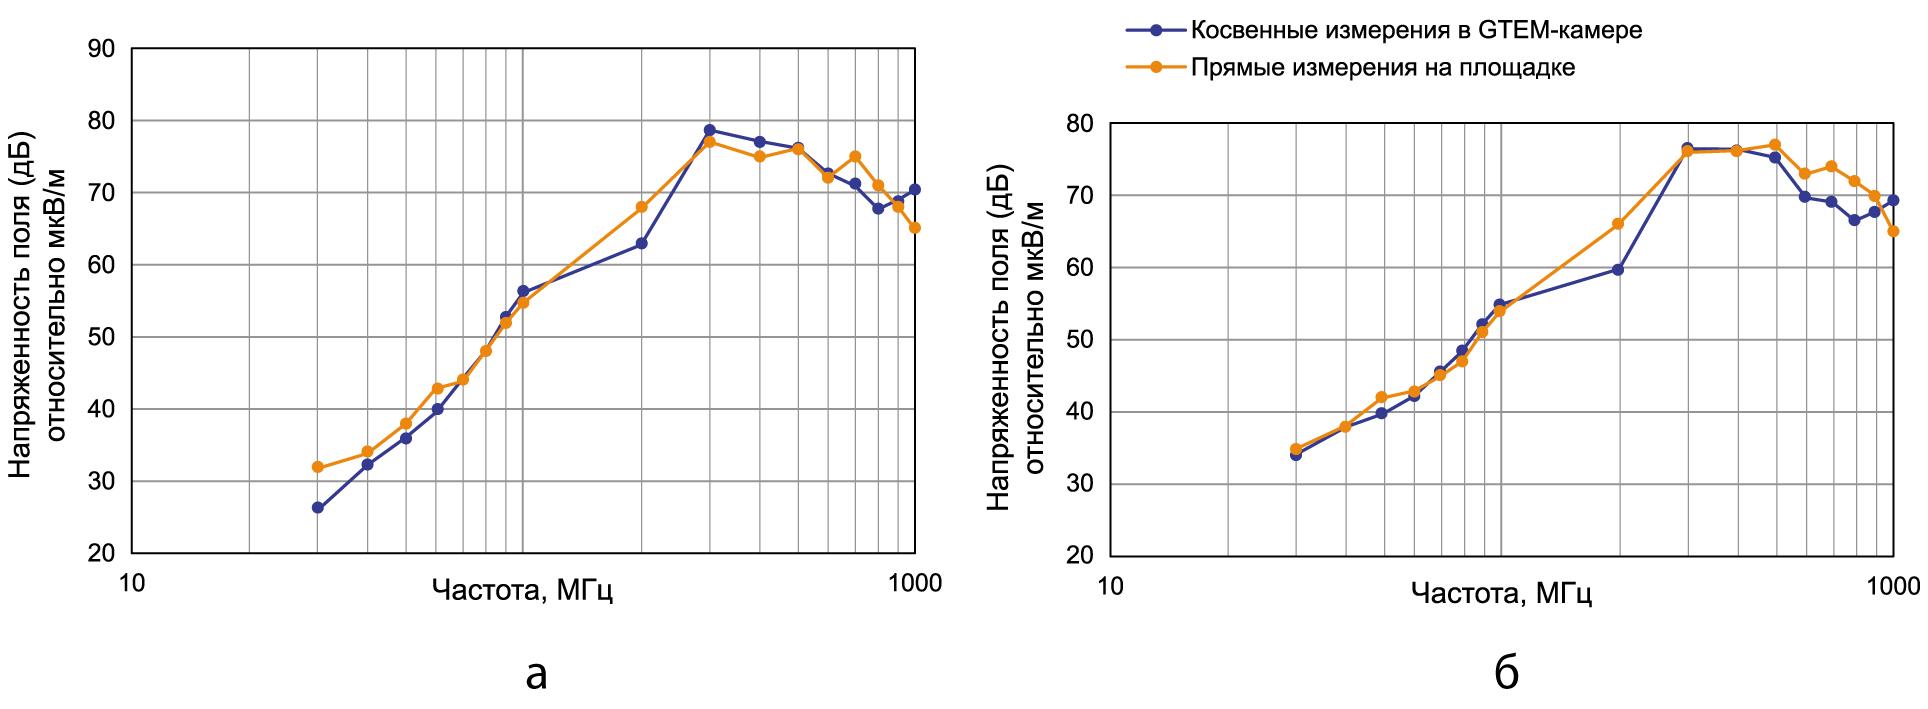 Сравнительные результаты измерений эмиссии излучаемых помех (3 м) при горизонтальная поляризации и вертикальная поляризации